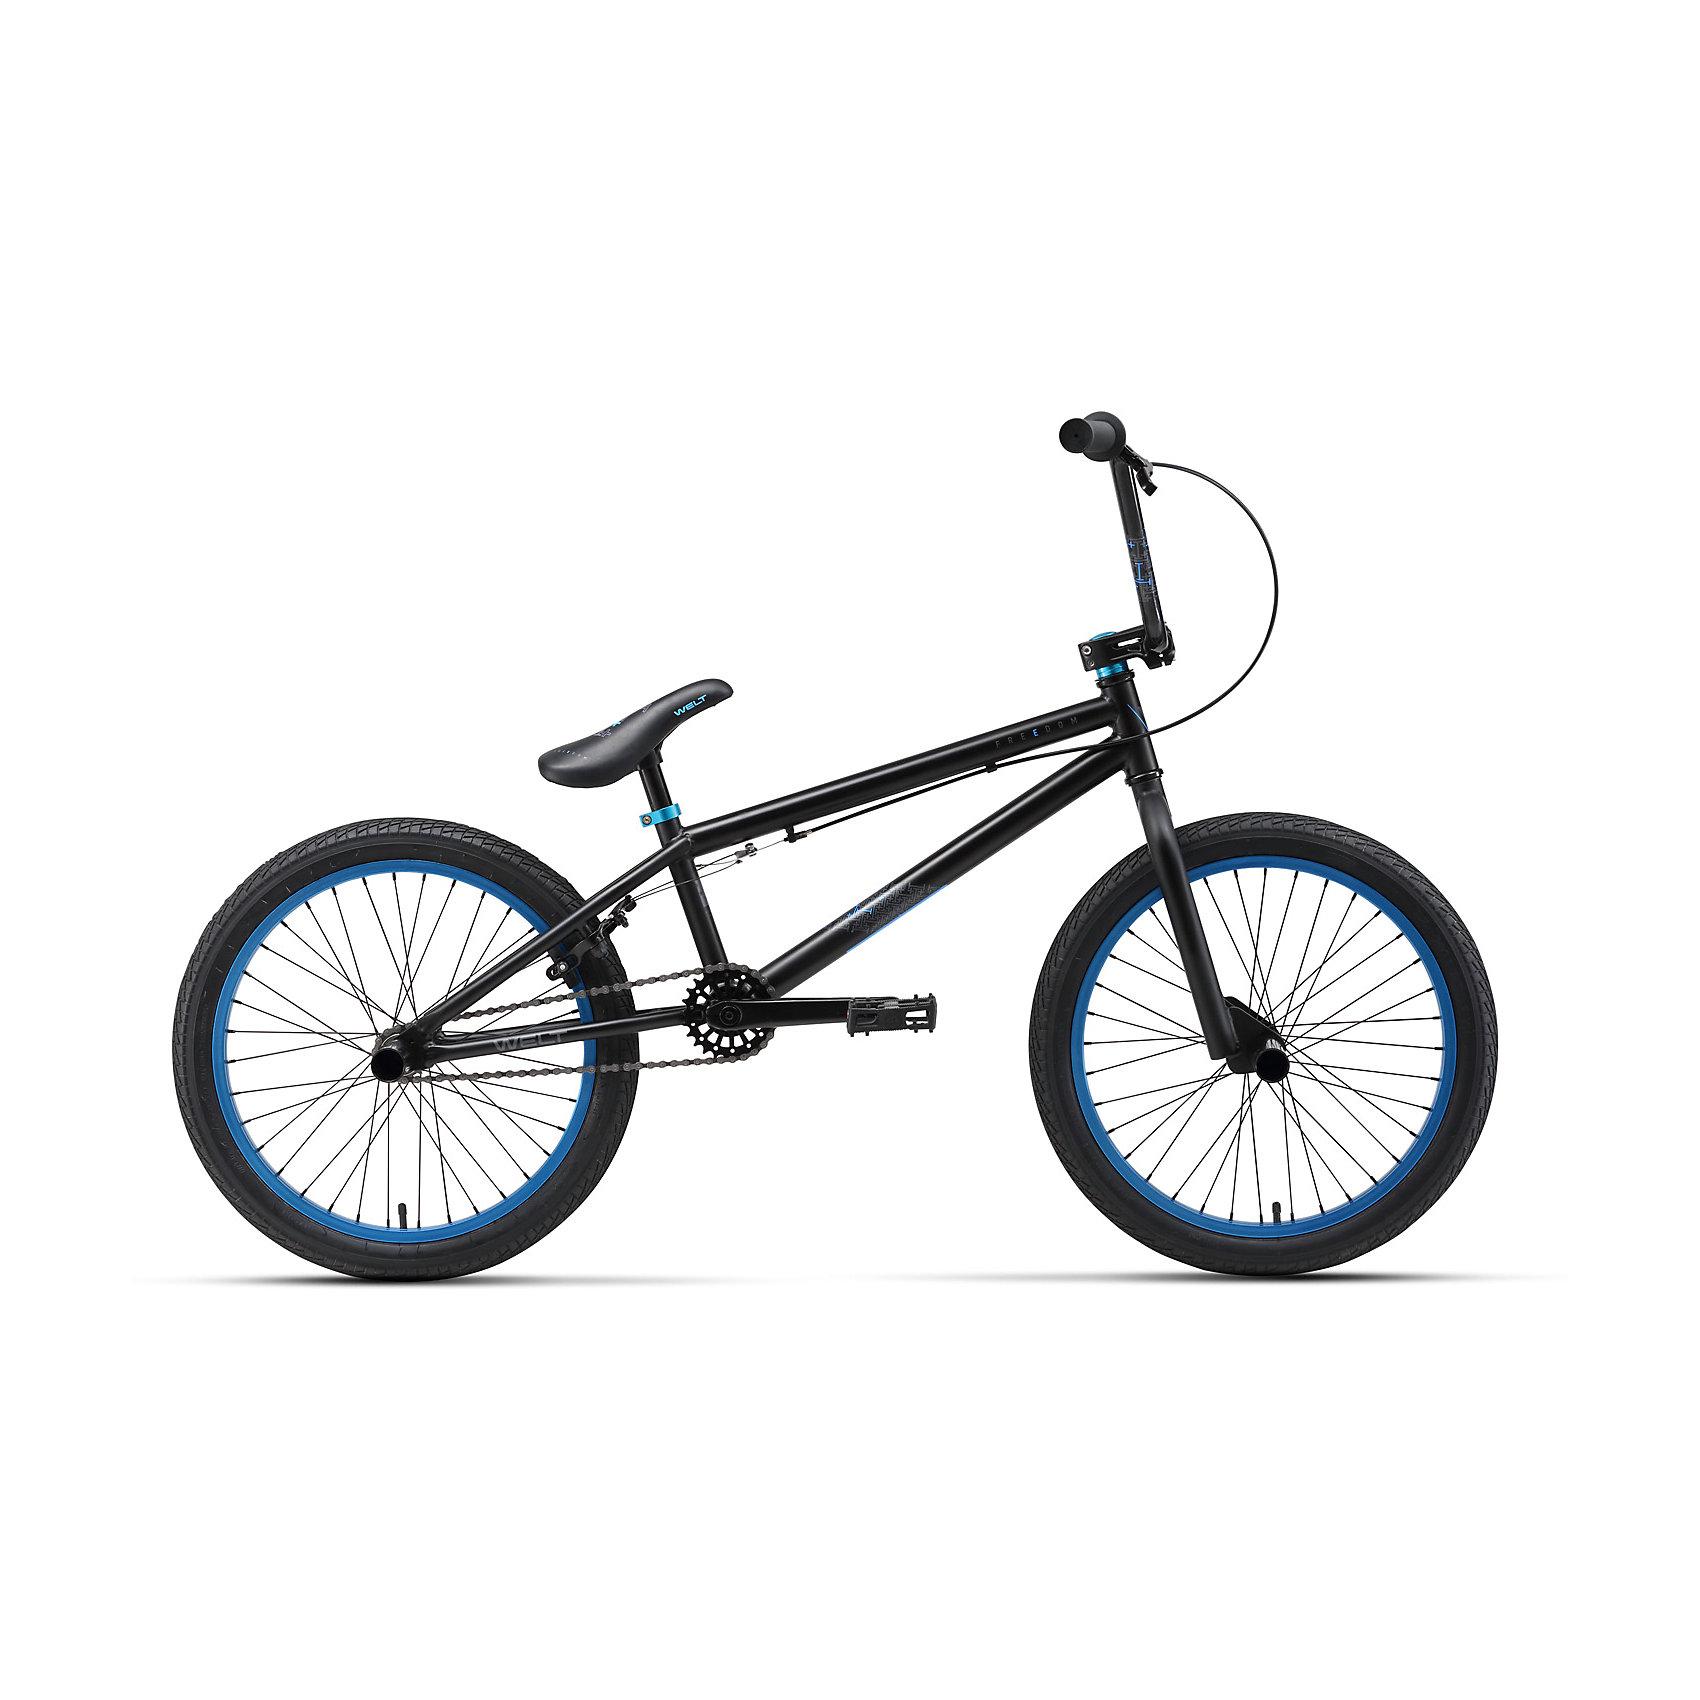 Велосипед  BMX Freedom, черно-синий, WeltВелосипеды детские<br>Характеристики товара:<br><br>• цвет: черный, синий<br>• возраст: от 6 лет<br>• рама: Cr-Mo / Steel<br>• размер рамы, дюймы: Steel<br>• диаметр колес: 20<br>• кол-во скоростей: 1<br>• тип вилки: жесткая <br>• вилка: Rigid steel<br>• тип тормозов: U-brake<br>• тормоза: Apse U25D rear <br>• система: 3 pcs 25T<br>• каретка: US type BB<br>• кассета: 14T integrated<br>• тип рулевой колонки: 1-1/8 безрезьбовая<br>• вынос: Promax alloy A-head 55mm<br>• руль: 710x202mm steel<br>• ободья: Dino alloy <br>• покрышки: Wanda J-1023 20x2,125<br>• втулки: KT Quando 36H<br>• подседельный штырь: steel one bolt type<br>• цепь: KMC Z-410<br>• вес 17,3 кг<br>• страна бренда: Германия<br><br>Велосипед ВМХ начального уровня с продуманной геометрией, 3-х компонентными шатунами и комплектующими. Идеальный вариант первого велосипеда для обучения техническим элементам, рама которого в будущем послужит хорошей базой для апгрейда. <br><br>Подходит для катания начиная с 6-летнего возраста. В комплект входят 2 пеги, которые устанавливаются на левую или правую сторону велосипеда в зависимости от того, какой стороной райдер будет запрыгивать на грани и рейлы. <br><br>Также велосипед оснащен широкими алюминиевыми педалями топталками. Велосипед оборудован задним ободным тормозом. Обратите внимание, что в современных ВМХ велосипедах для фристайла гиророторы для проводки тормозных тросов не используются.<br><br>Велосипед  BMX Freedom, черно-синий, Welt можно купить в нашем интернет-магазине.<br><br>Ширина мм: 1450<br>Глубина мм: 200<br>Высота мм: 800<br>Вес г: 16500<br>Возраст от месяцев: 48<br>Возраст до месяцев: 2147483647<br>Пол: Унисекс<br>Возраст: Детский<br>SKU: 5569420